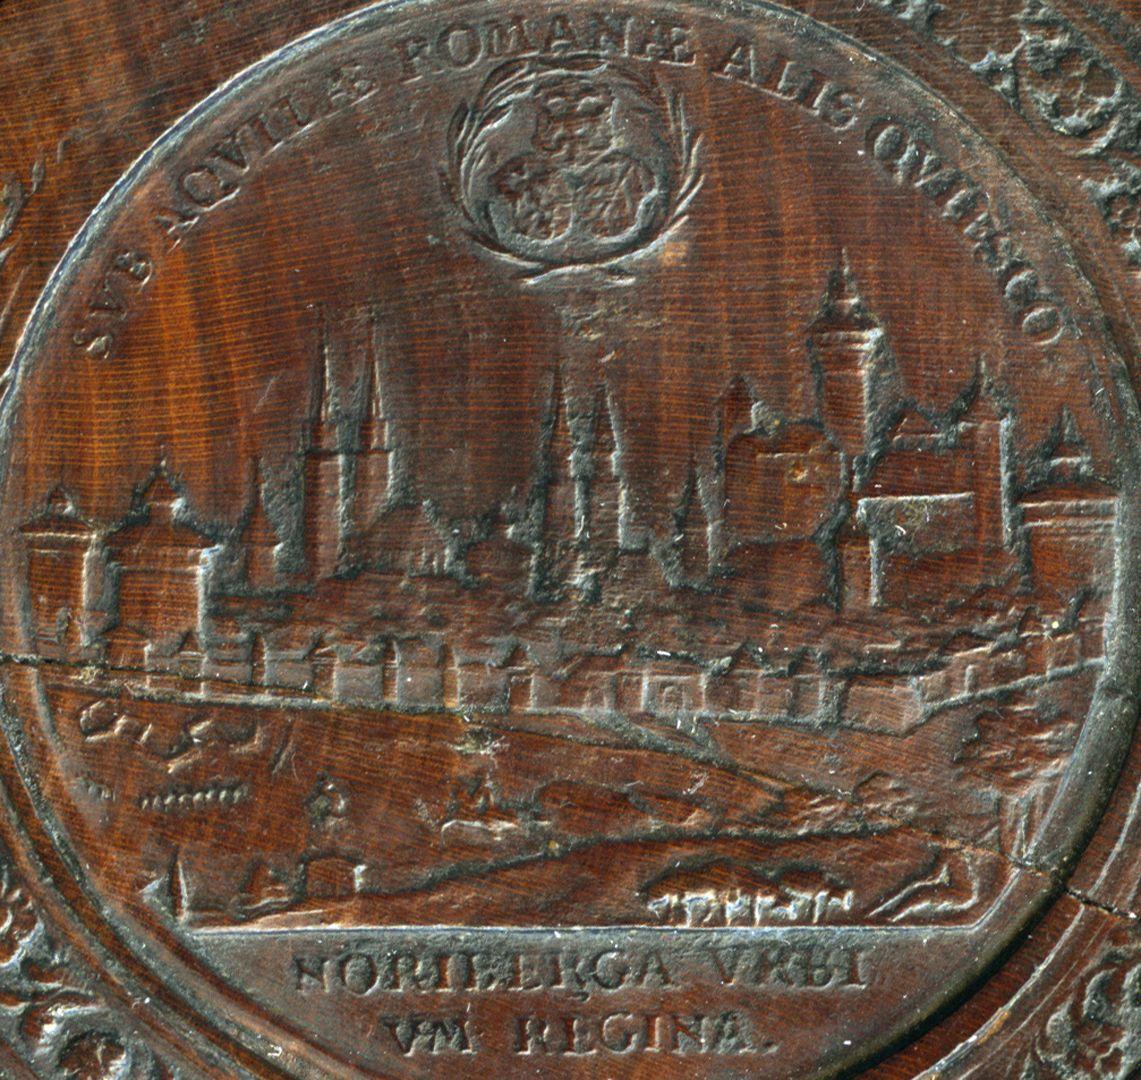 Spielstein mit Nürnberg Stadtansicht von Osten und Friedensallegorie Spielsteinseite mit Stadtansicht von Nürnberg, Detailansicht